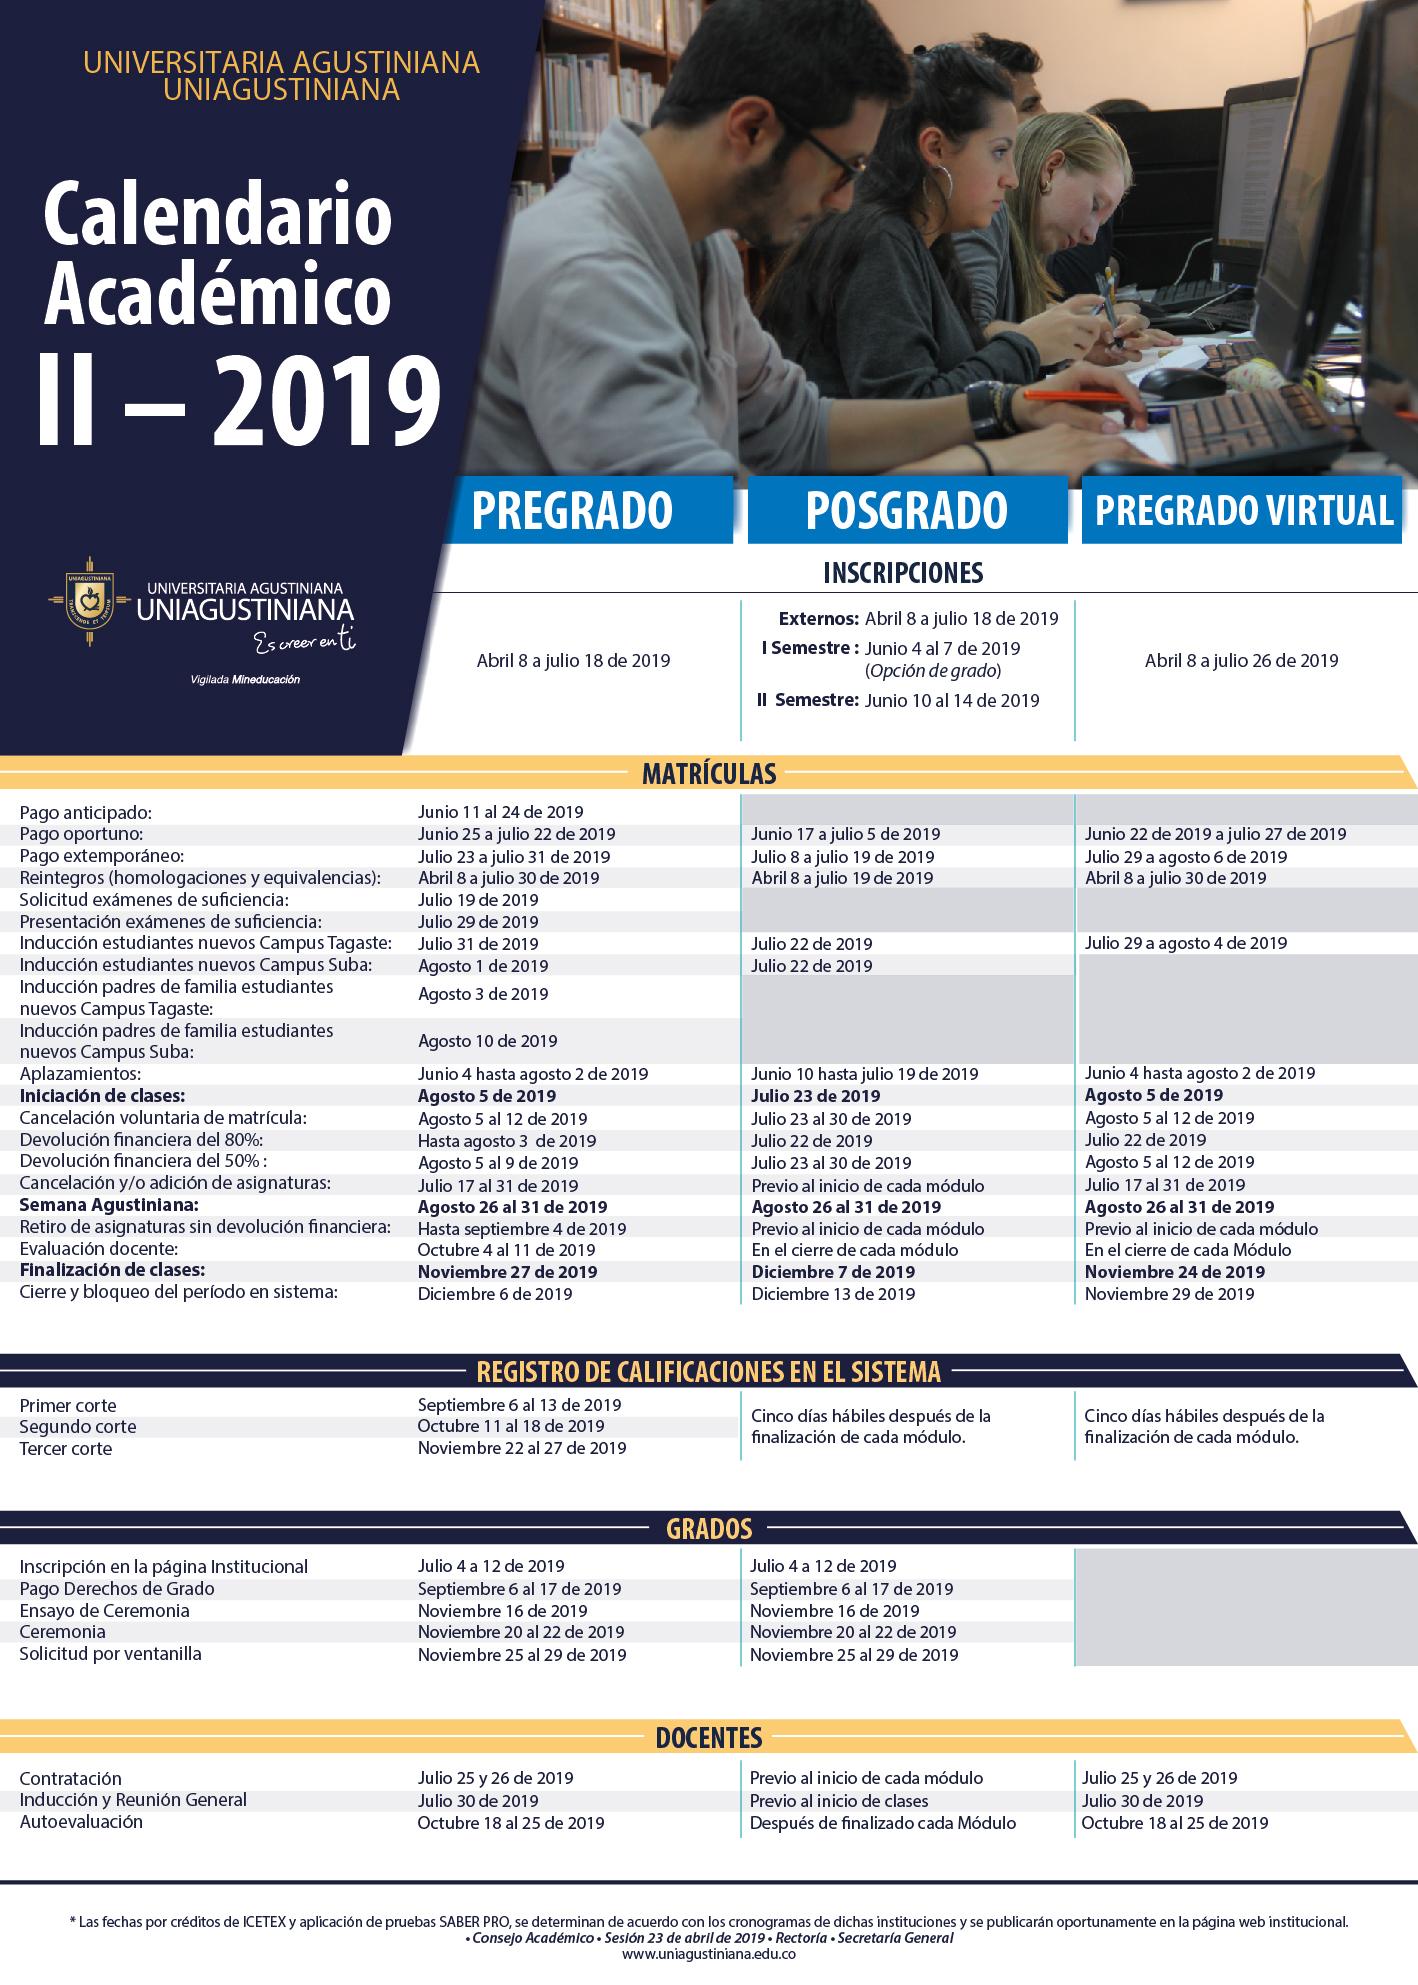 Calendario Financiero Uniminuto 2019 2.Calendario Academico 2019 Ii Universidad Agustiniana